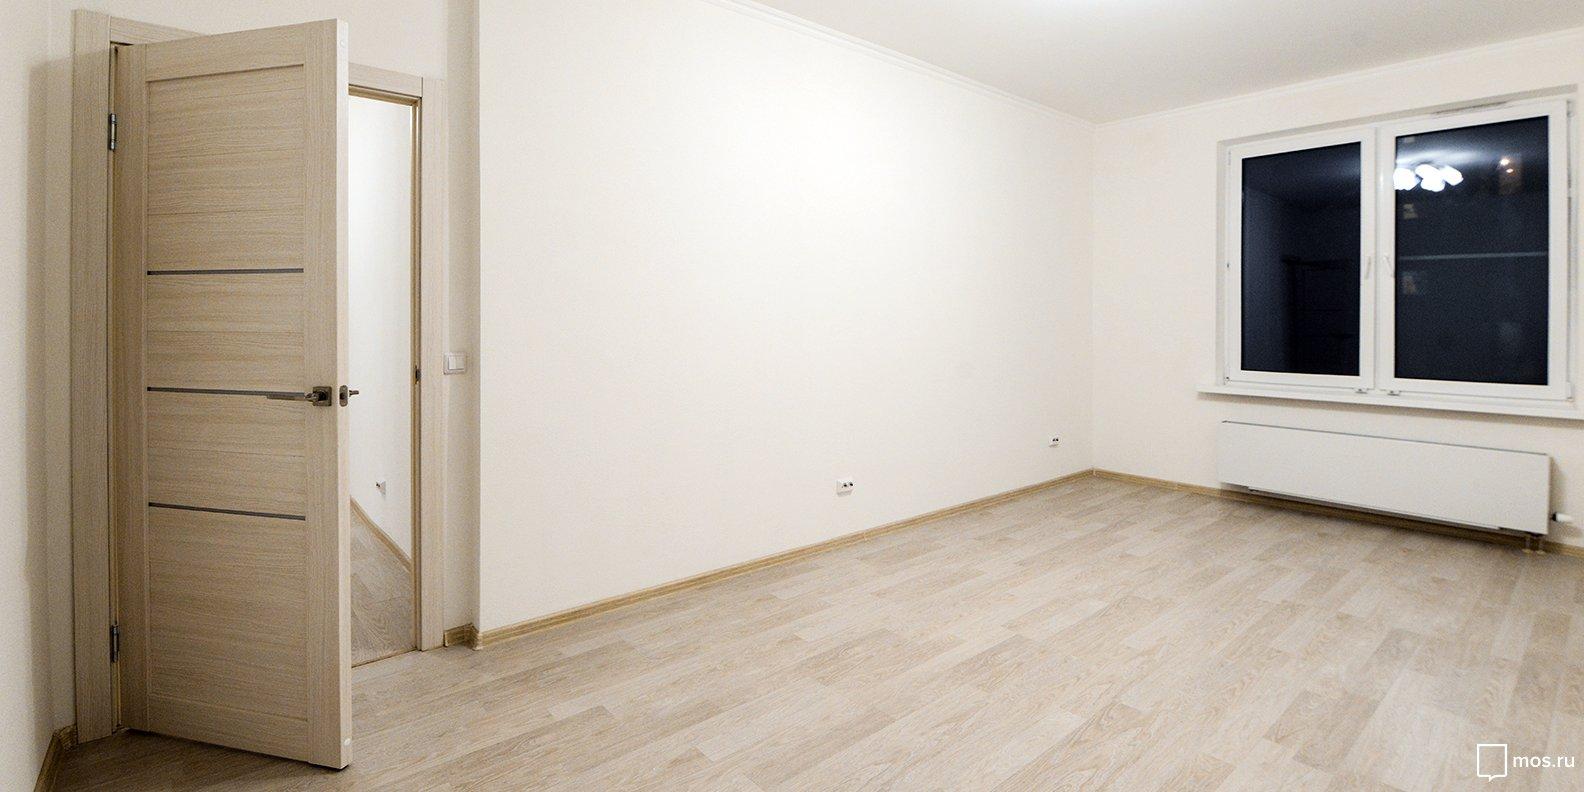 Стандартная мебель не подошла для студии на Беломорской. Фото:  mos.ru